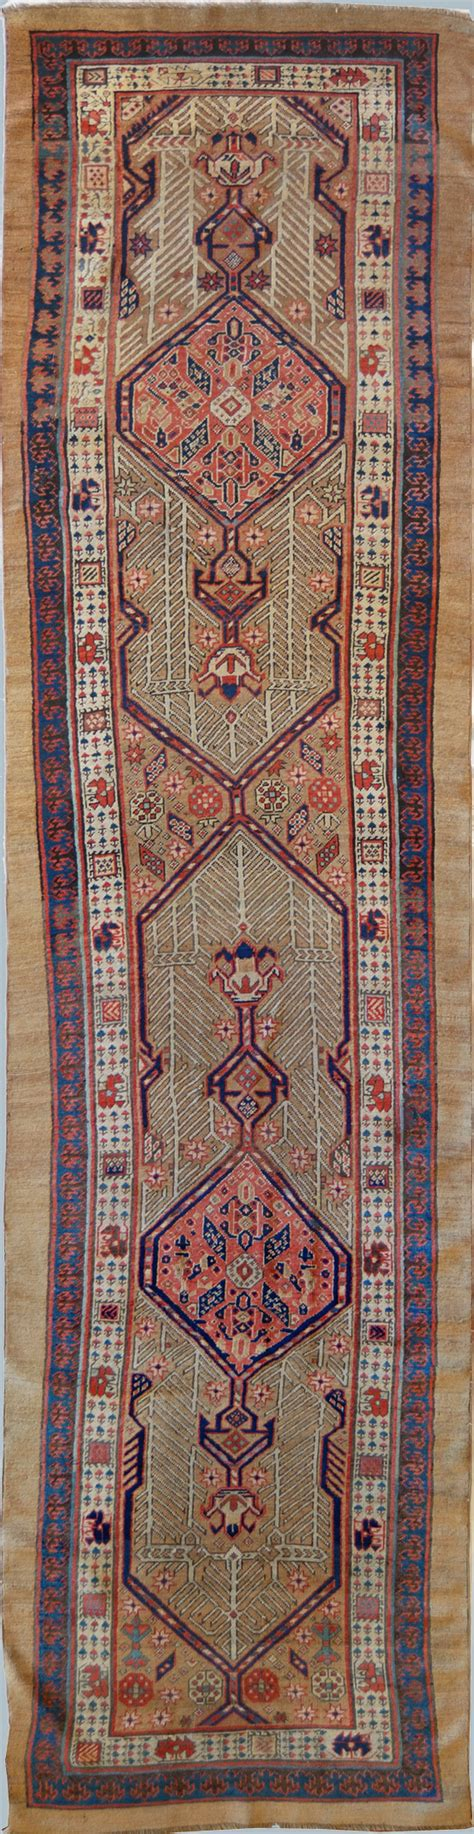 lavare tappeto persiano tappeto persiano antico dove lavare tappeto costa